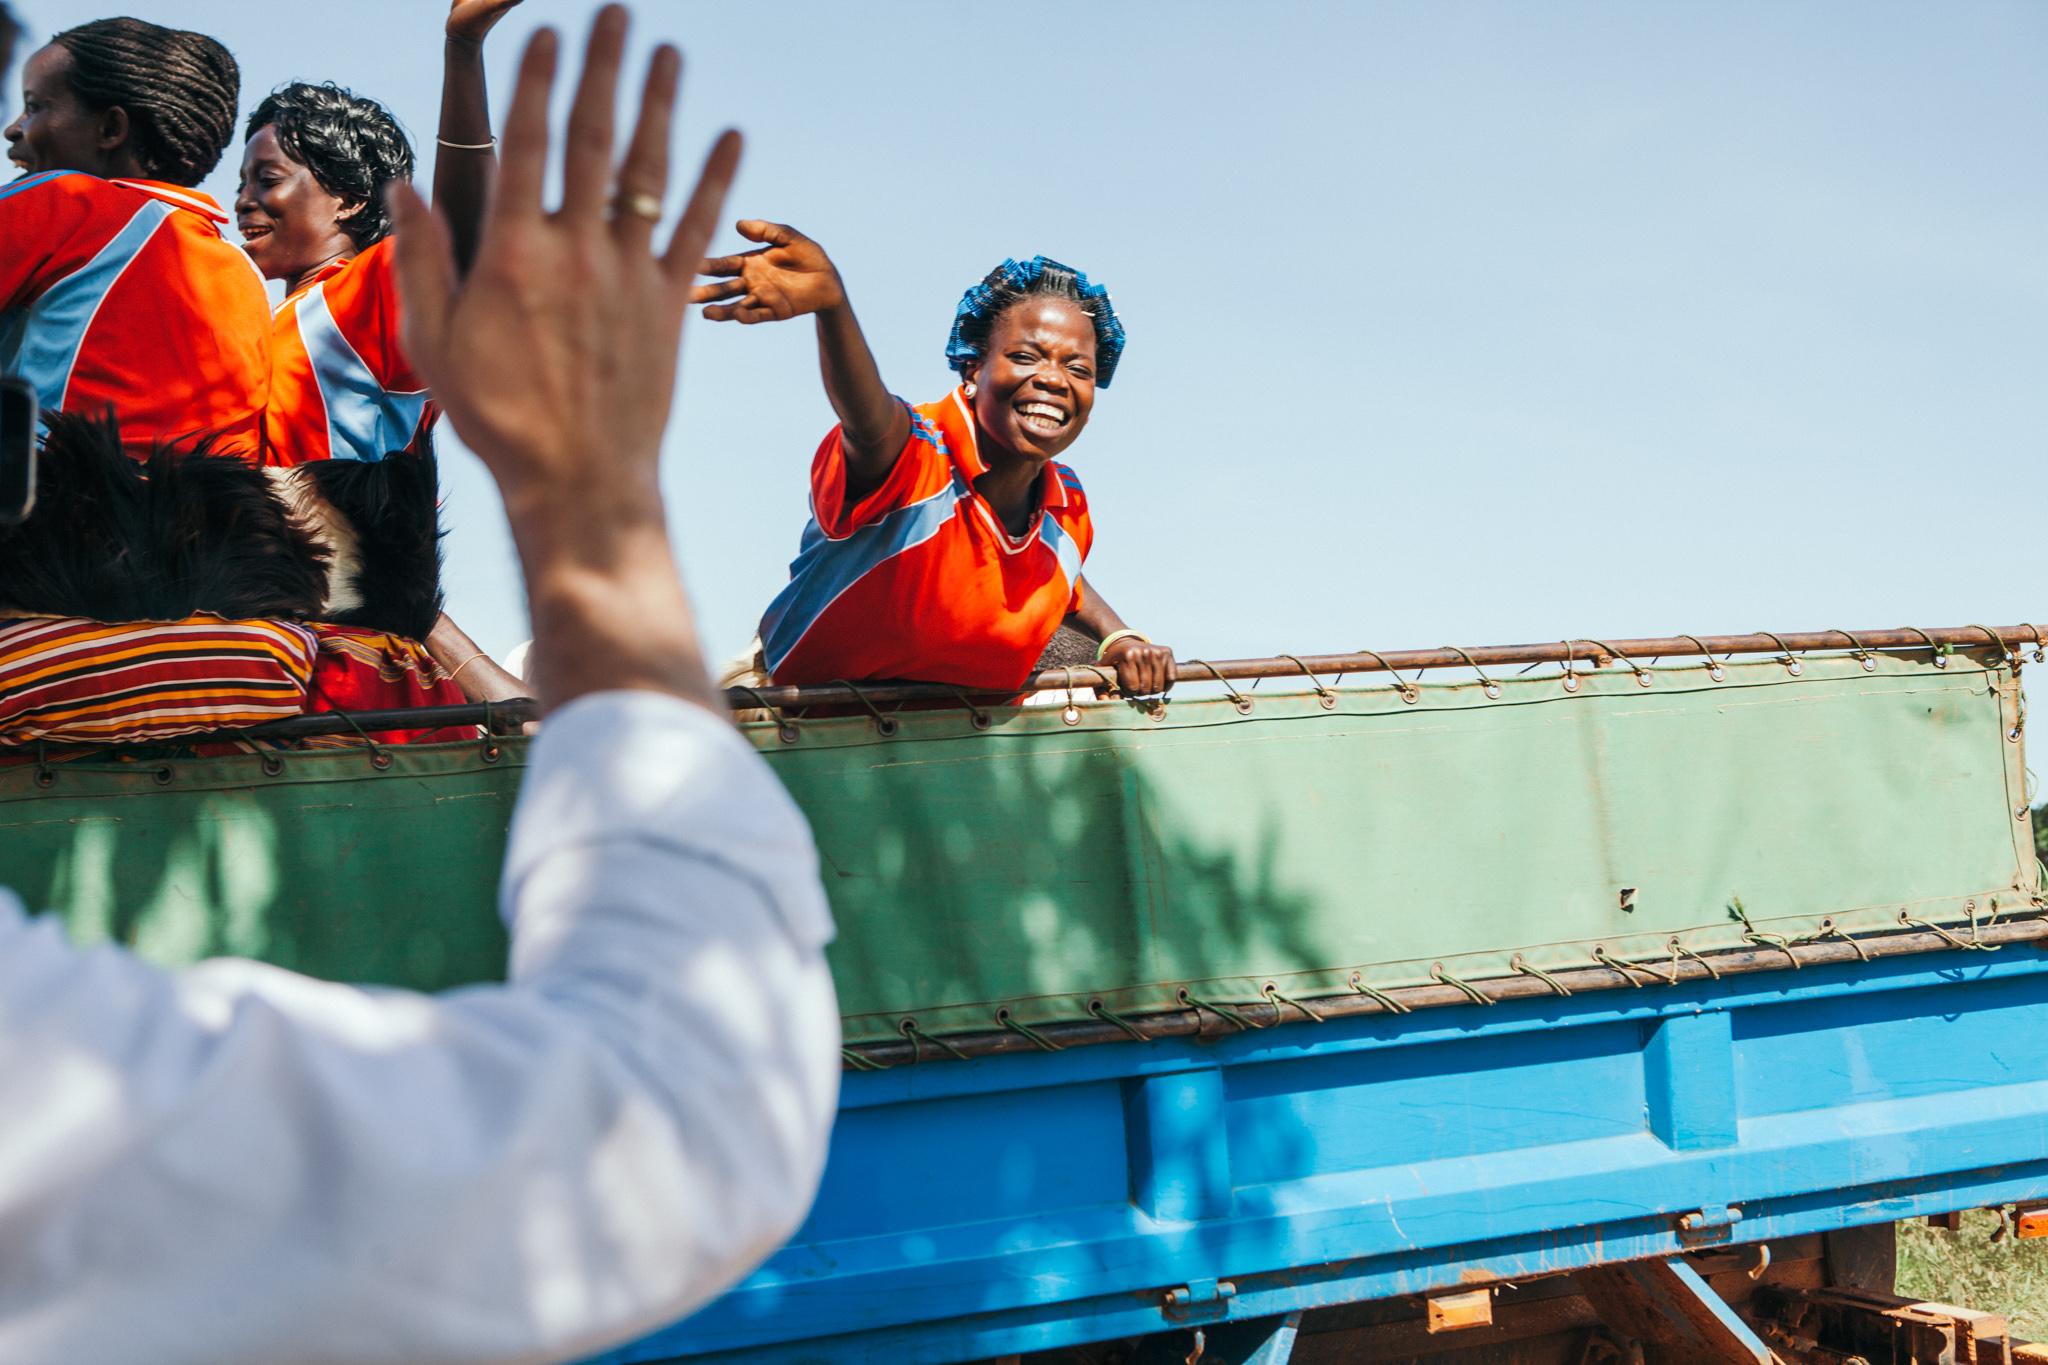 YSB_Uganda_Dec16-0328 (2).jpg